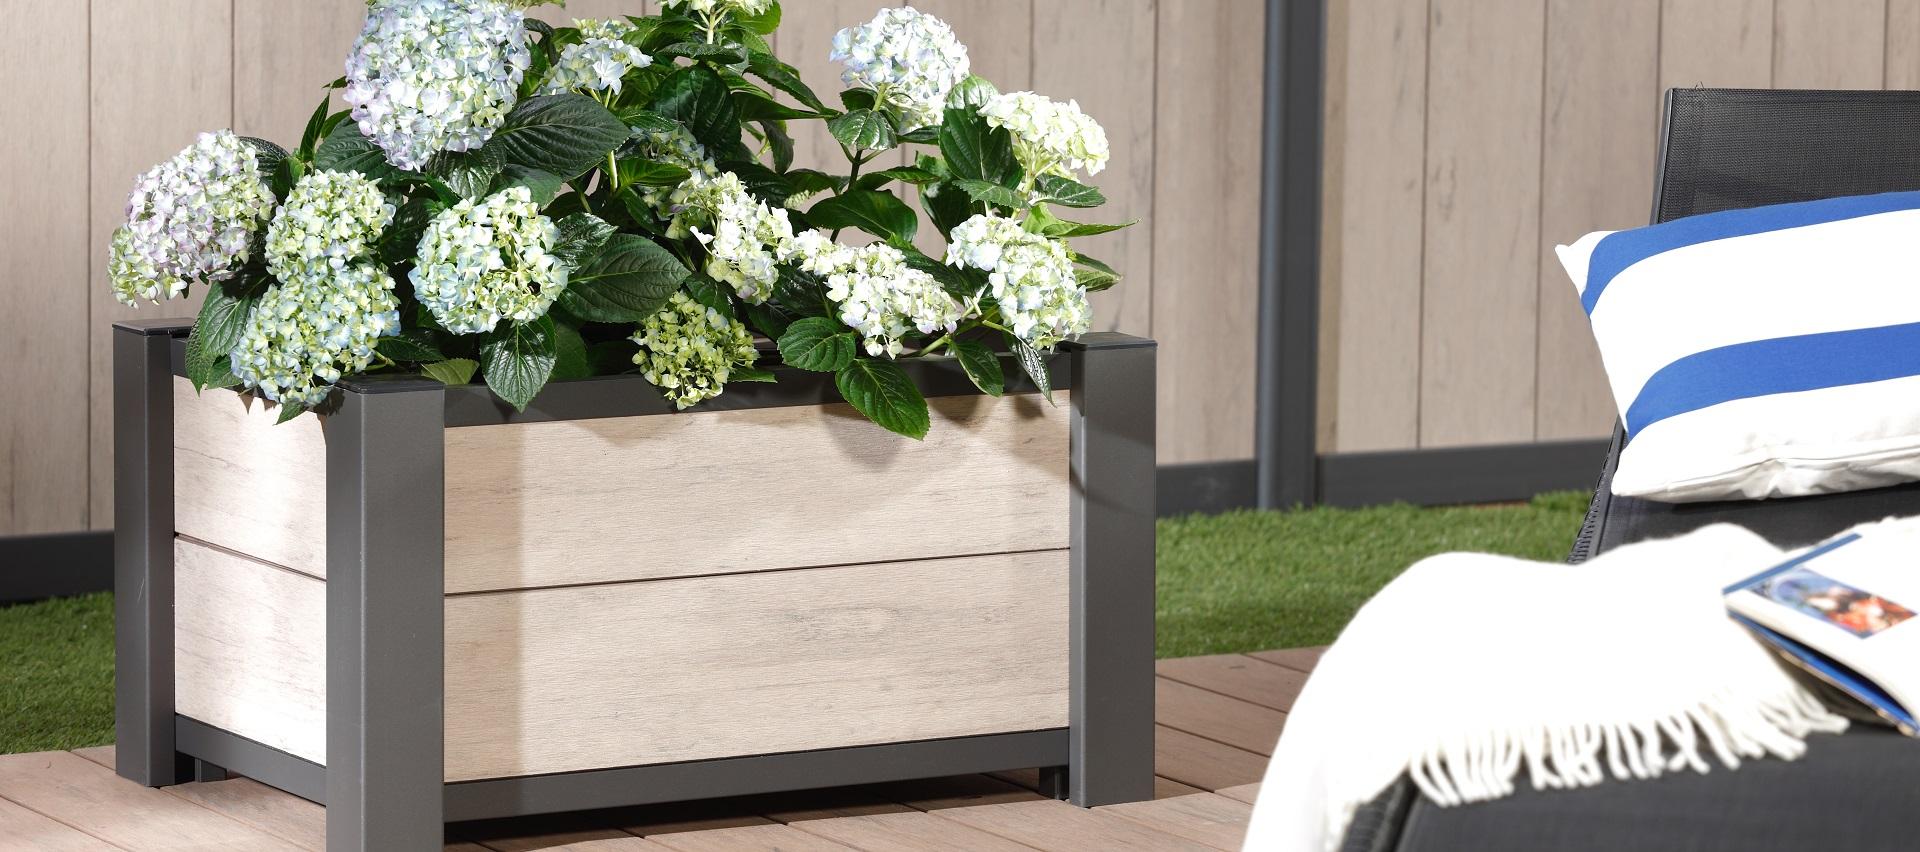 Gartenordnung Pflanzkasten WPC von Brügmann TraumGarten bei Holz-Hauff GmbH in Leingarten